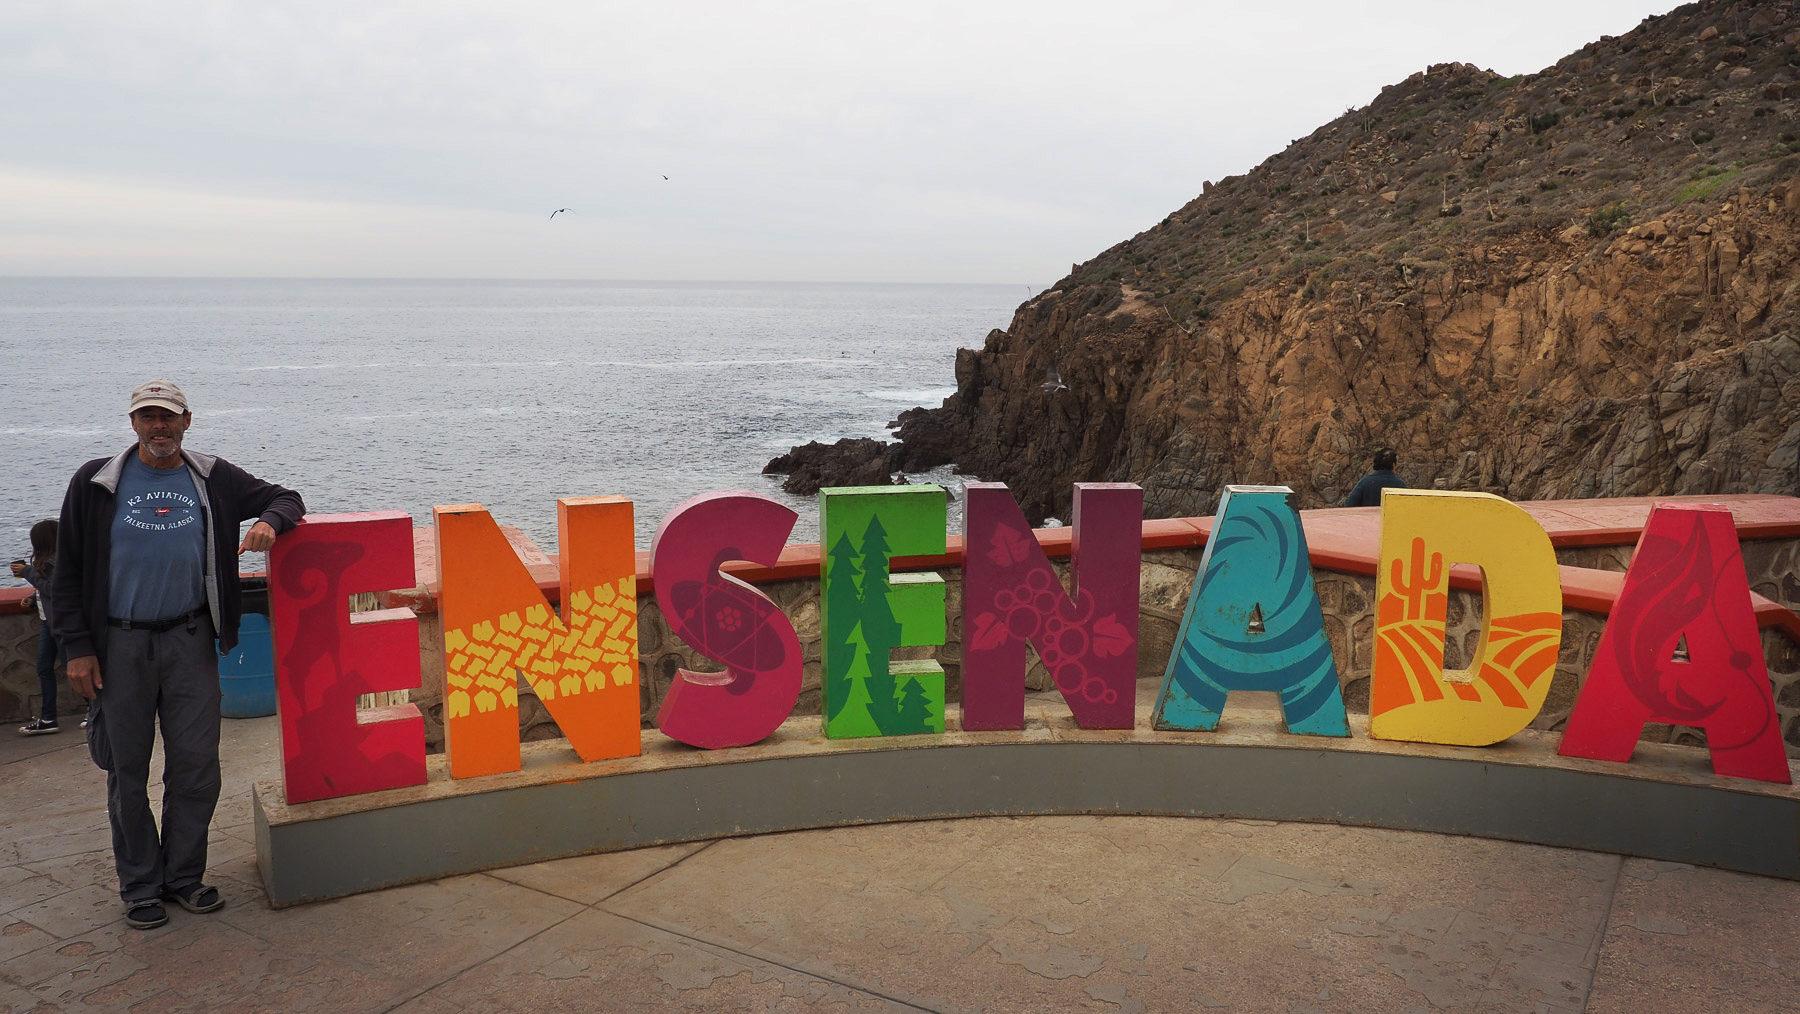 Die erste Stadt am Pazifik in Mexiko: Ensenada